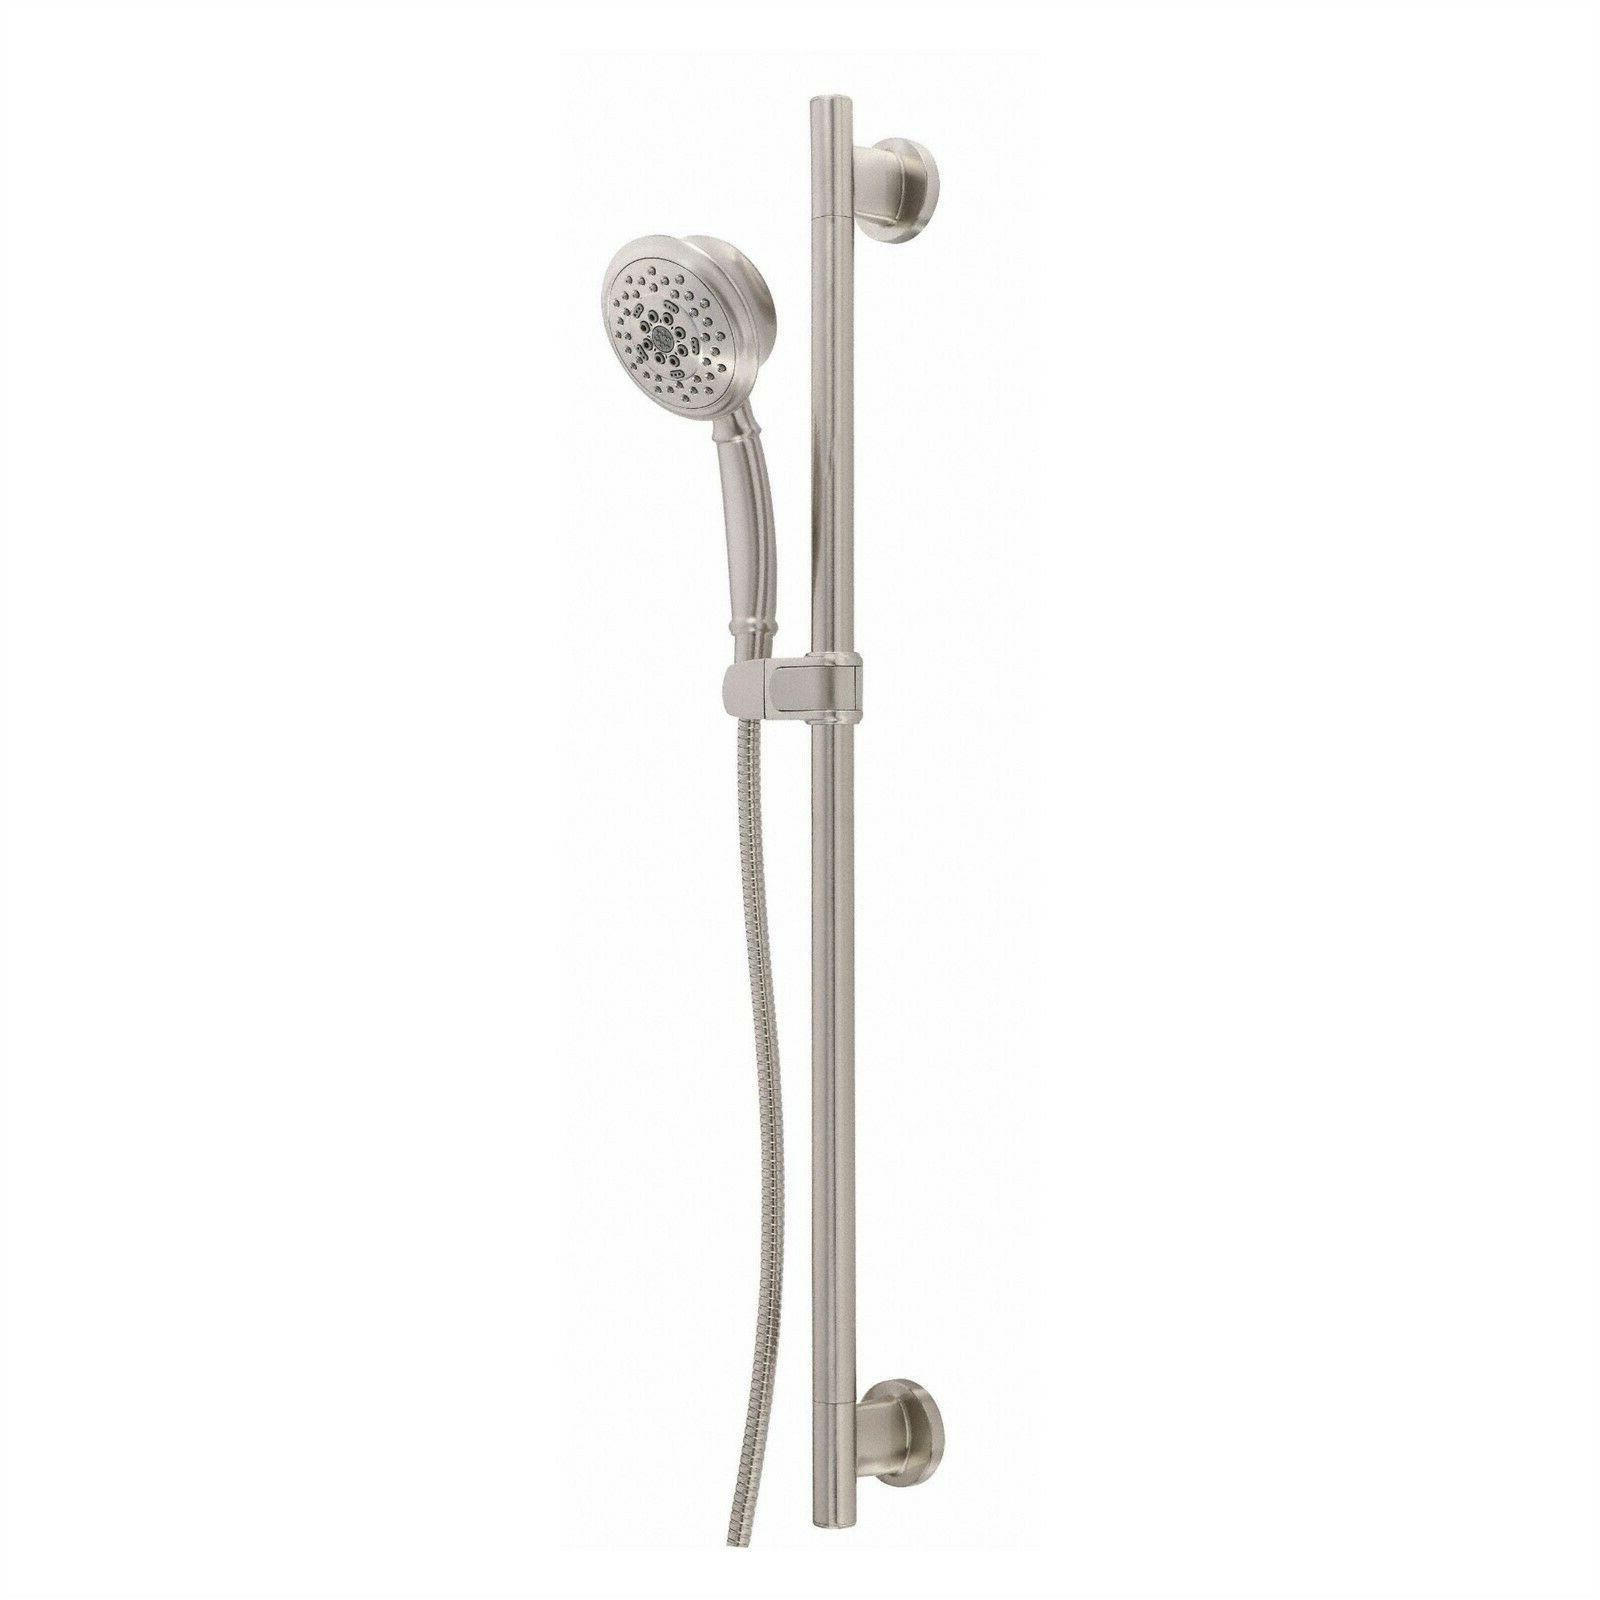 Danze Versa Slide Bar and Shower Head